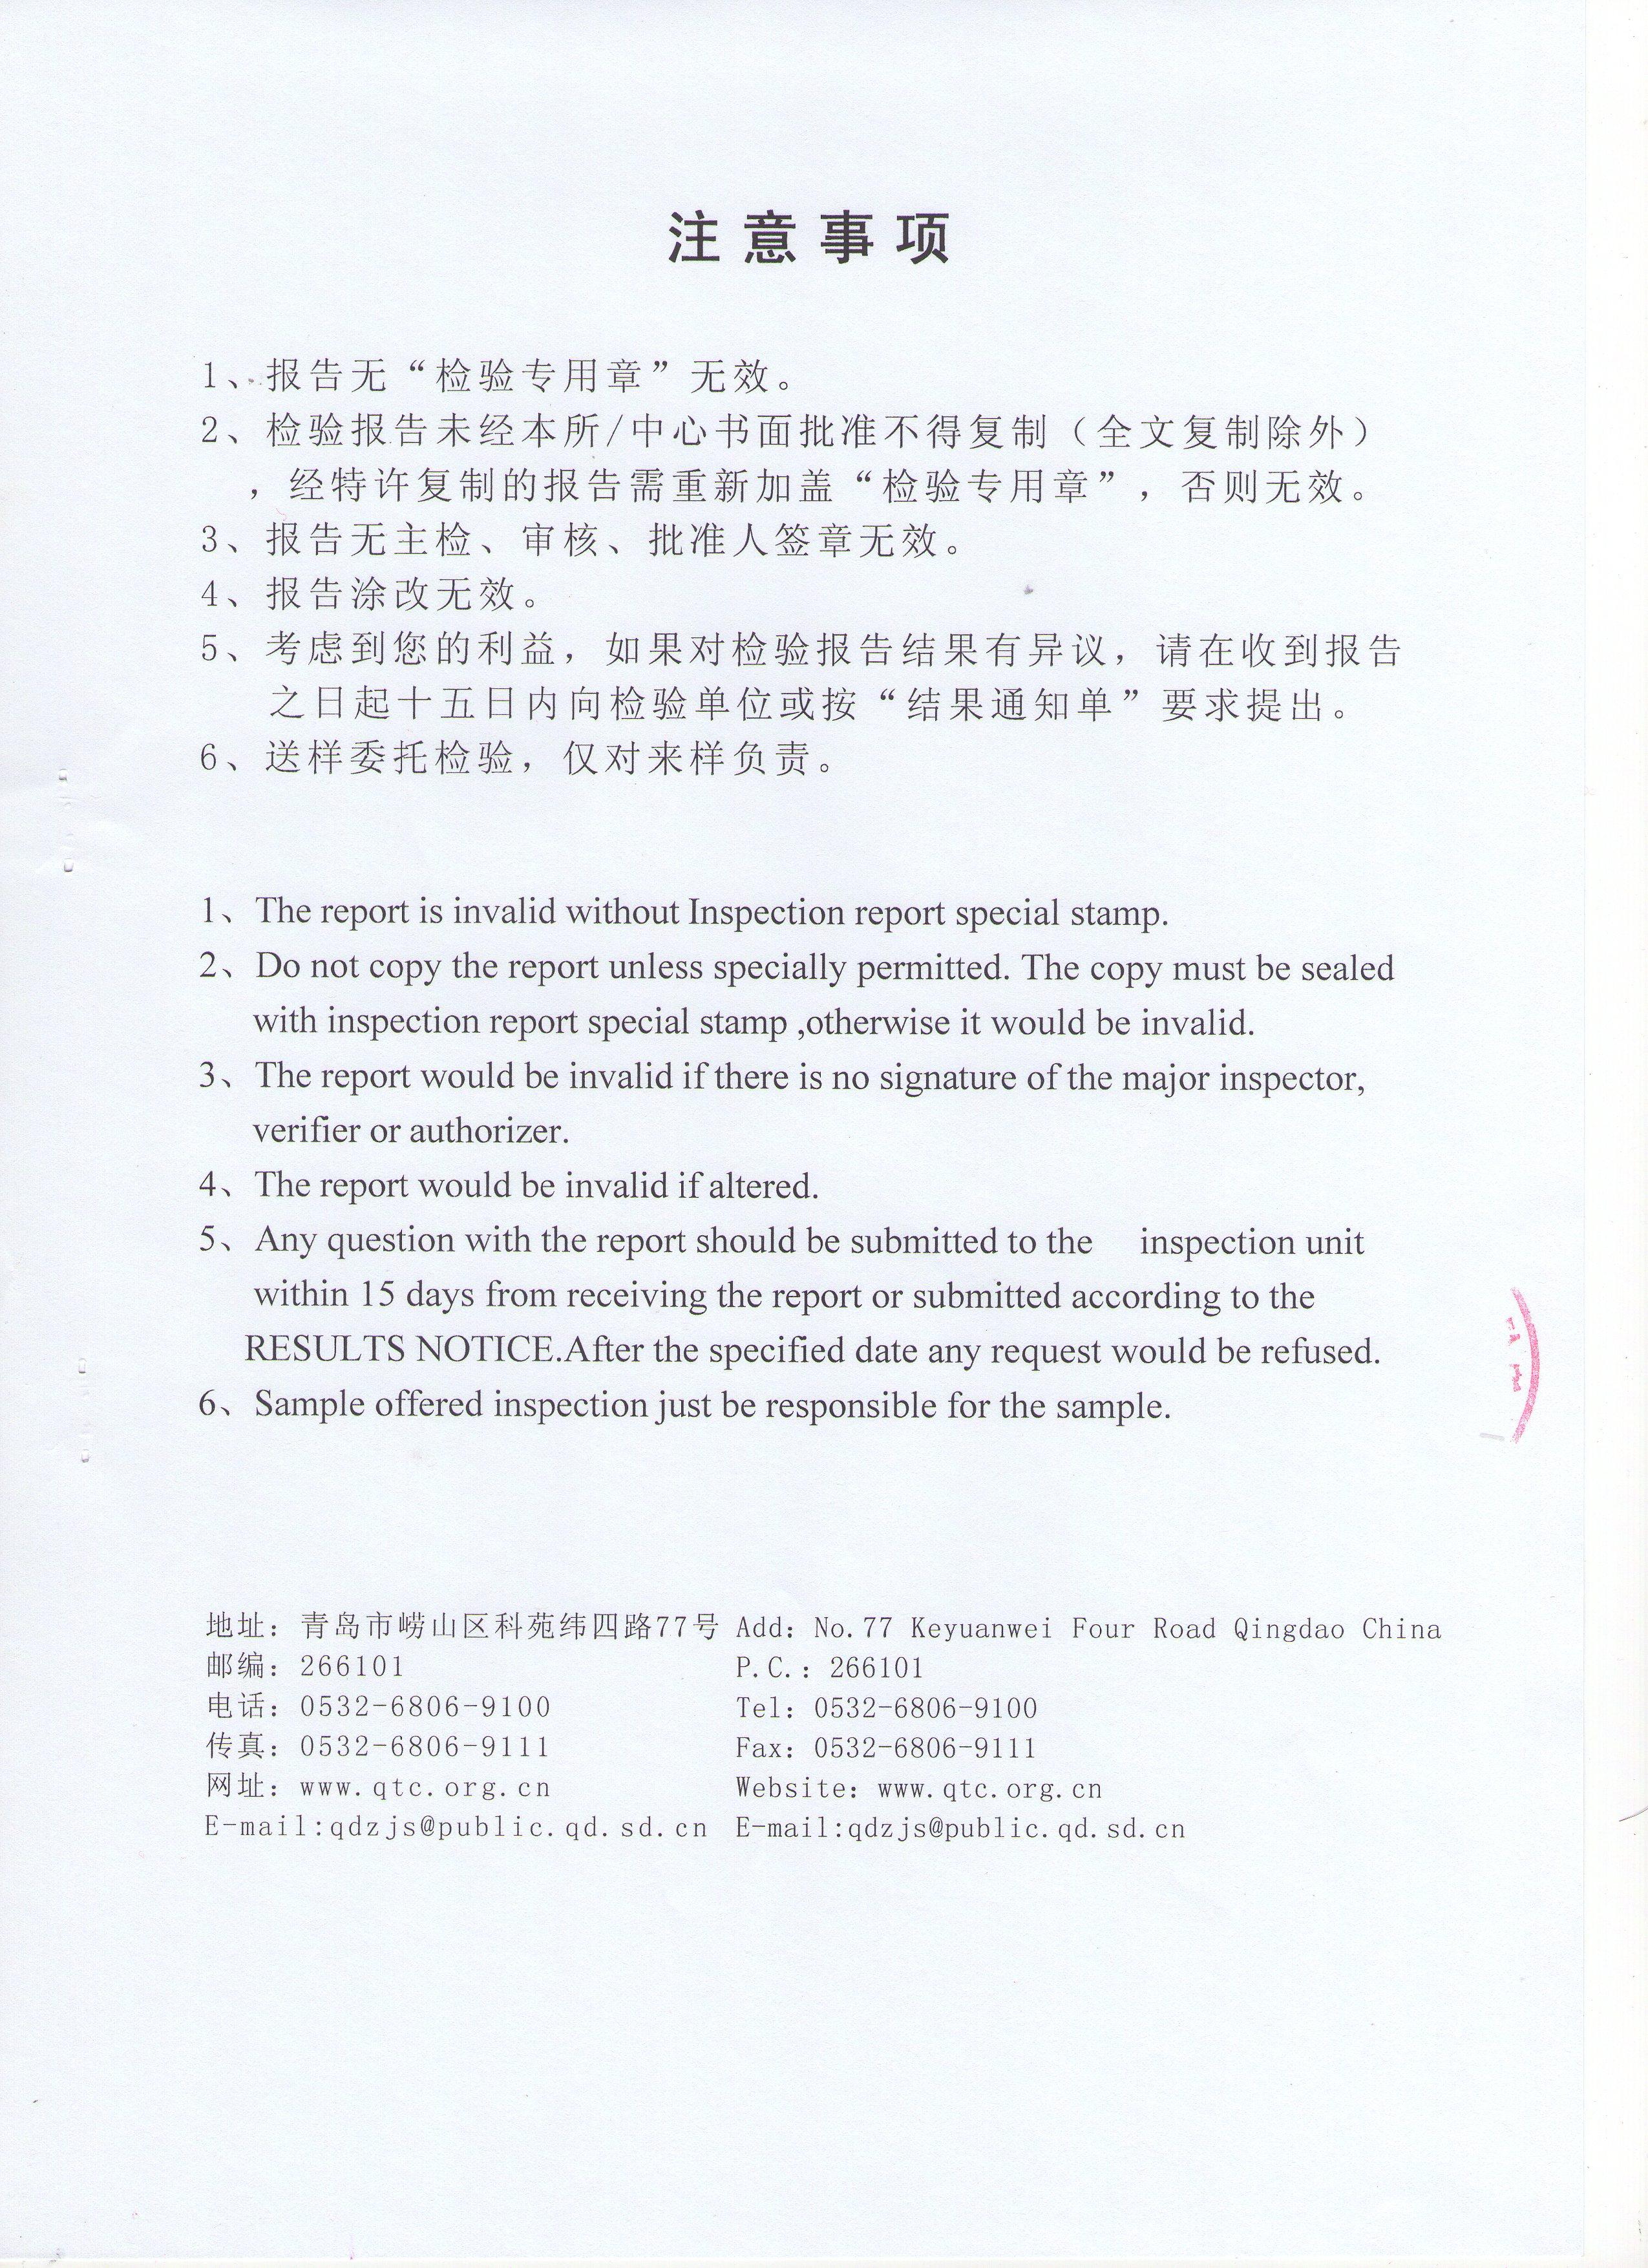 2012青岛质监局原样4